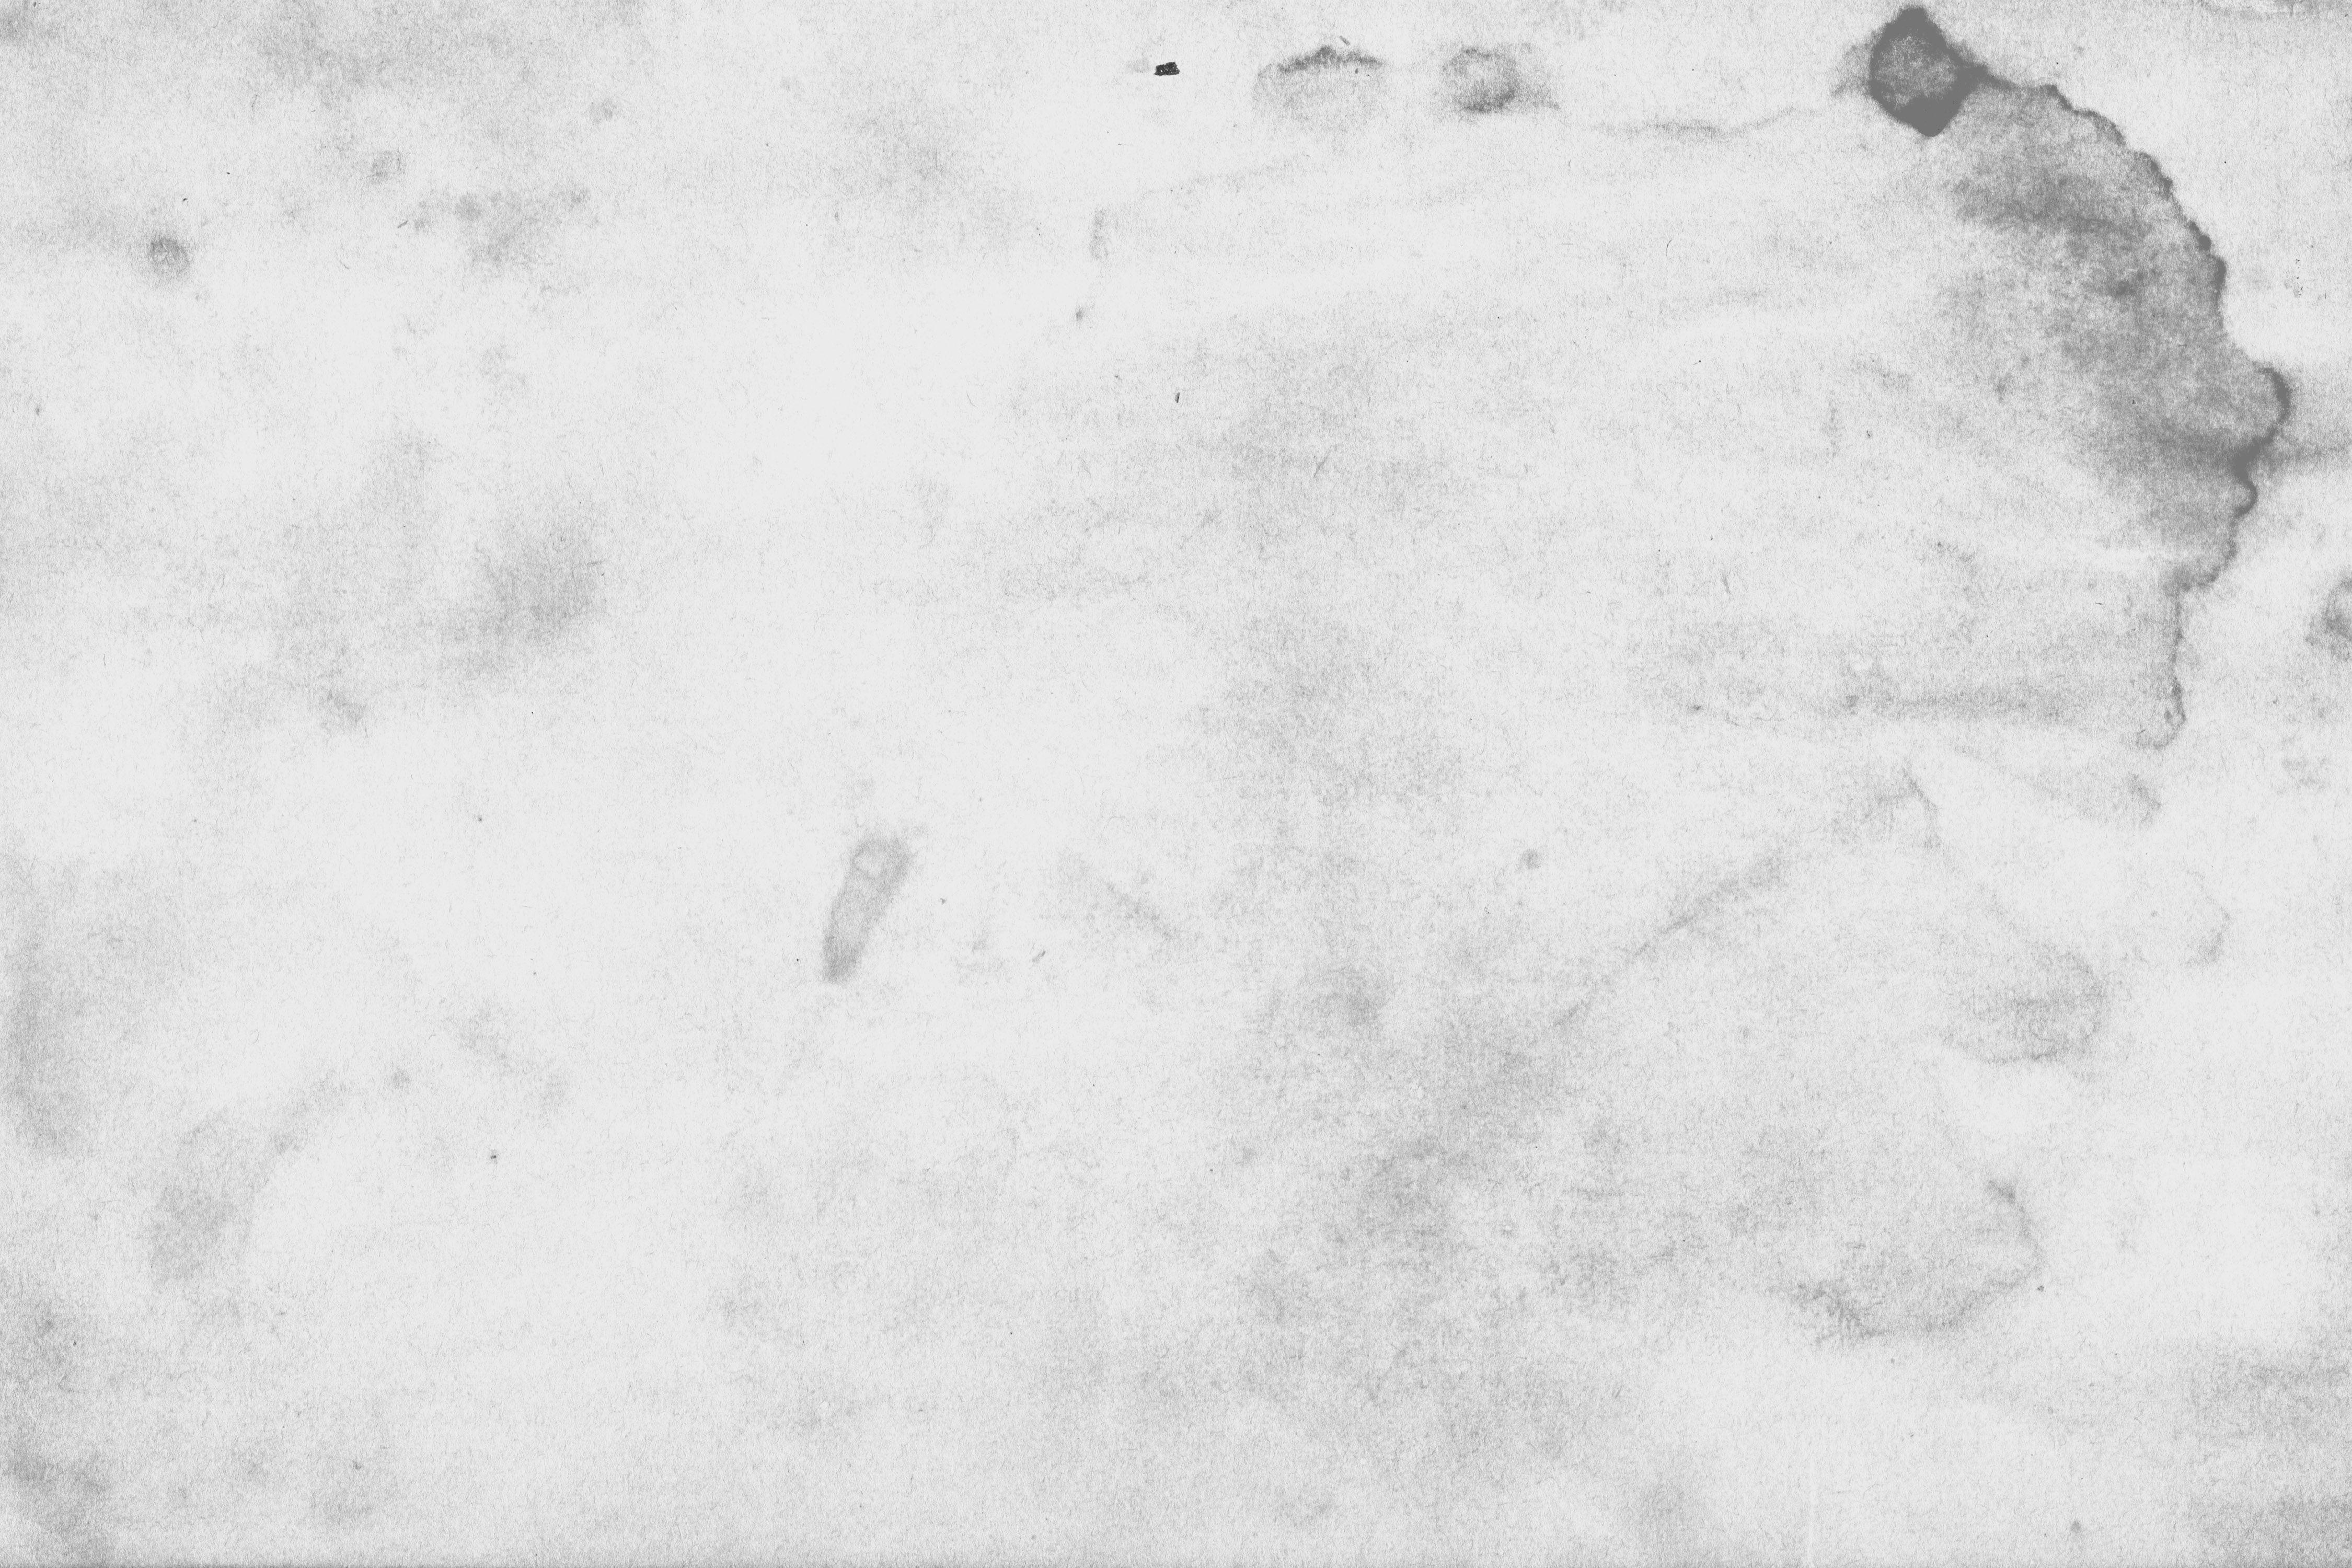 LT_WhiteGrunge_07.jpg 4500×3000 pixels Images